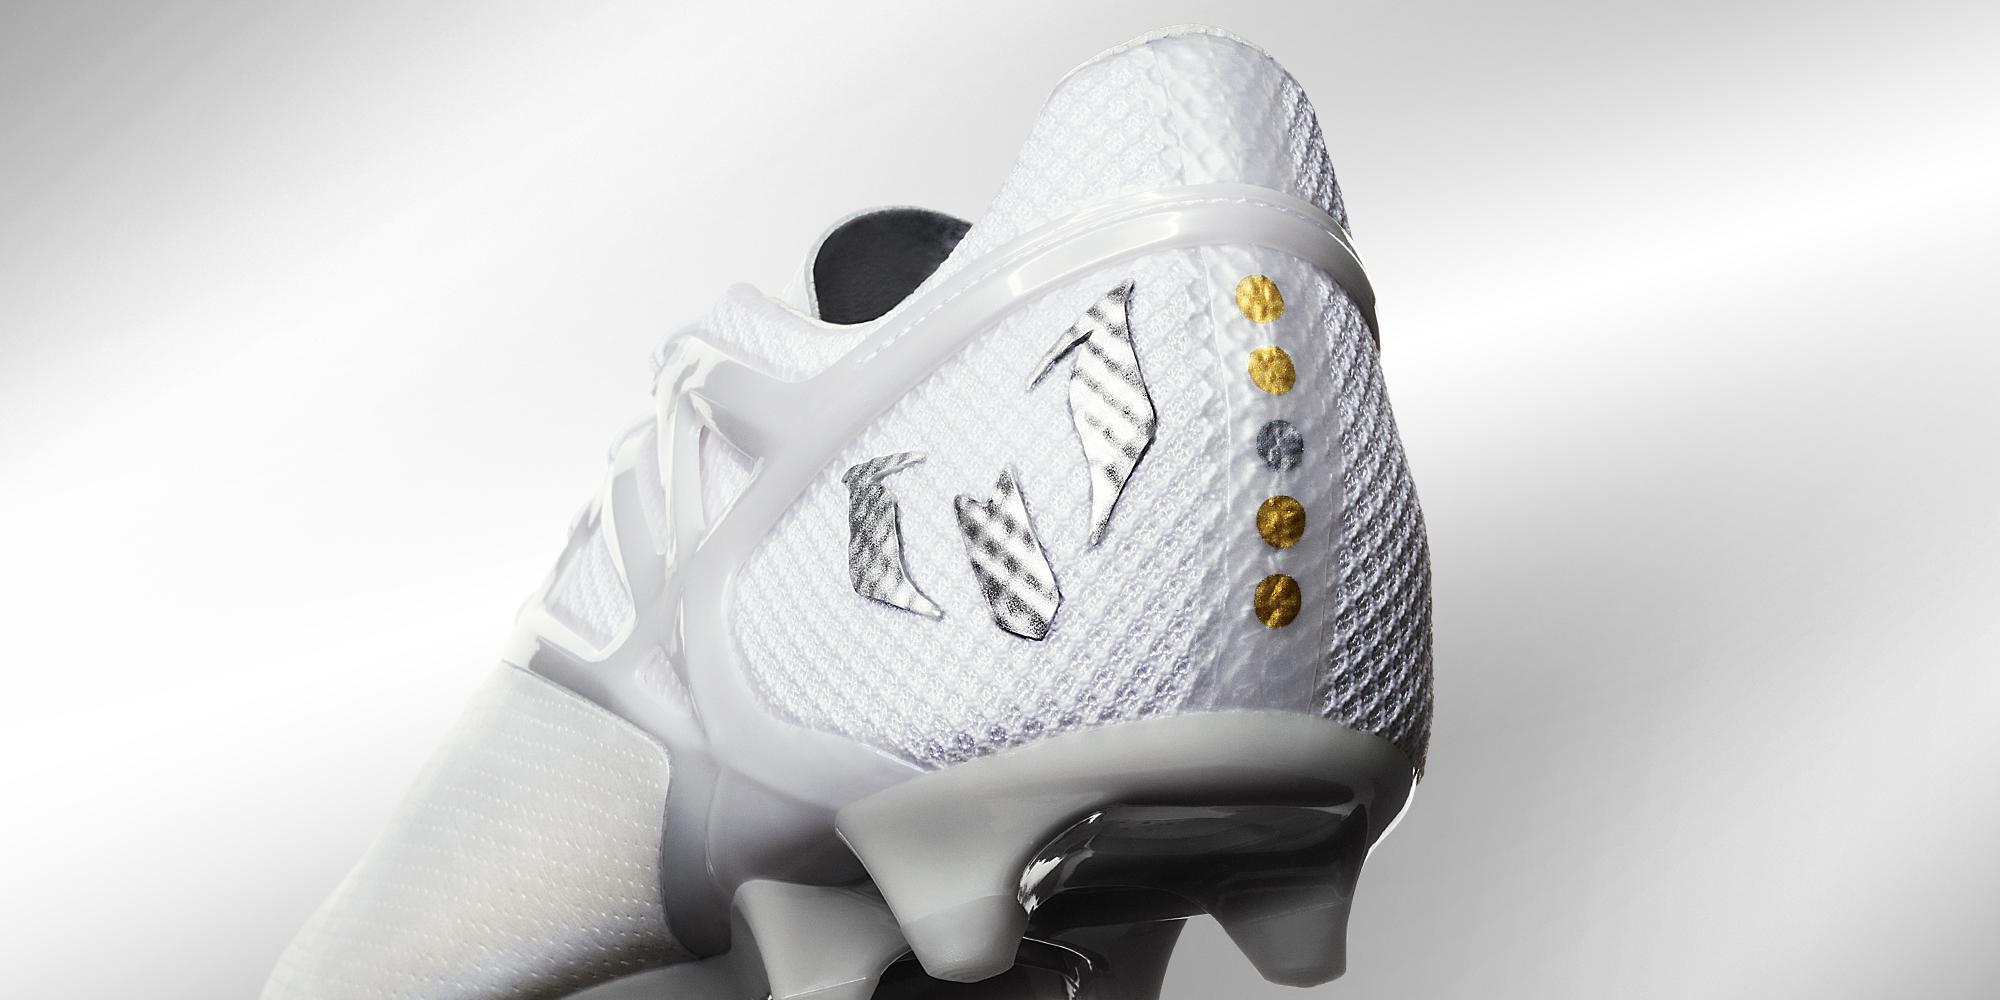 adidas messi15 platinum boots